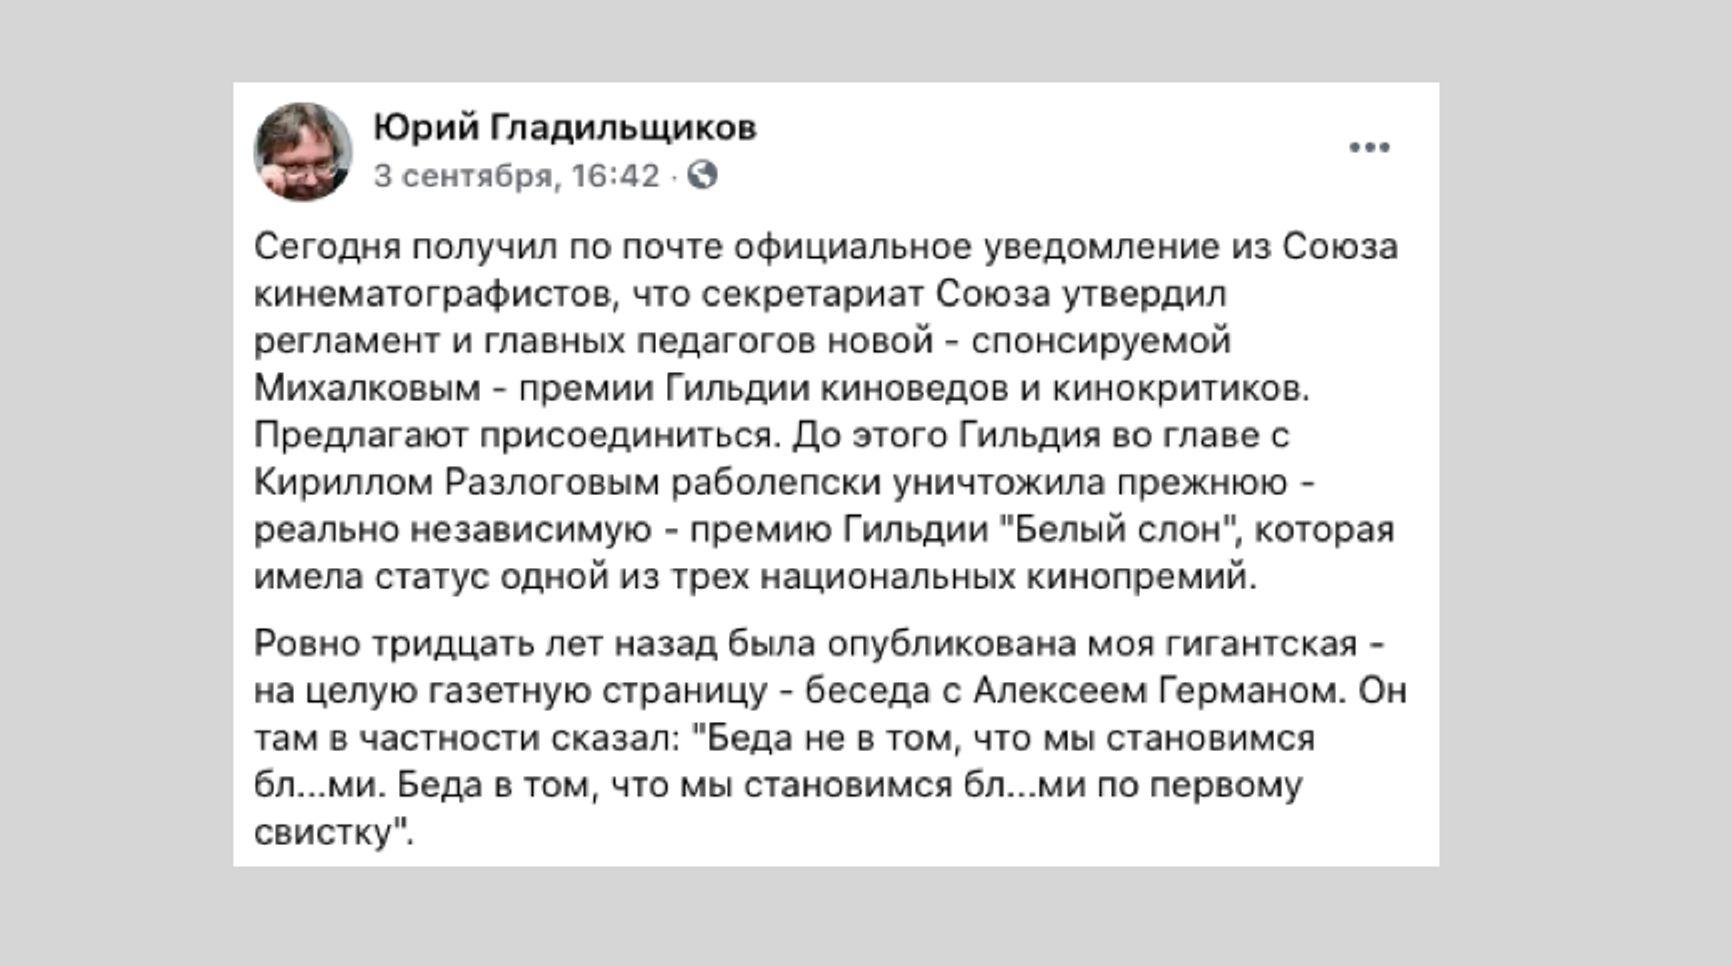 Реплика в фейсбуке кинокритика Юрия Гладильщикова